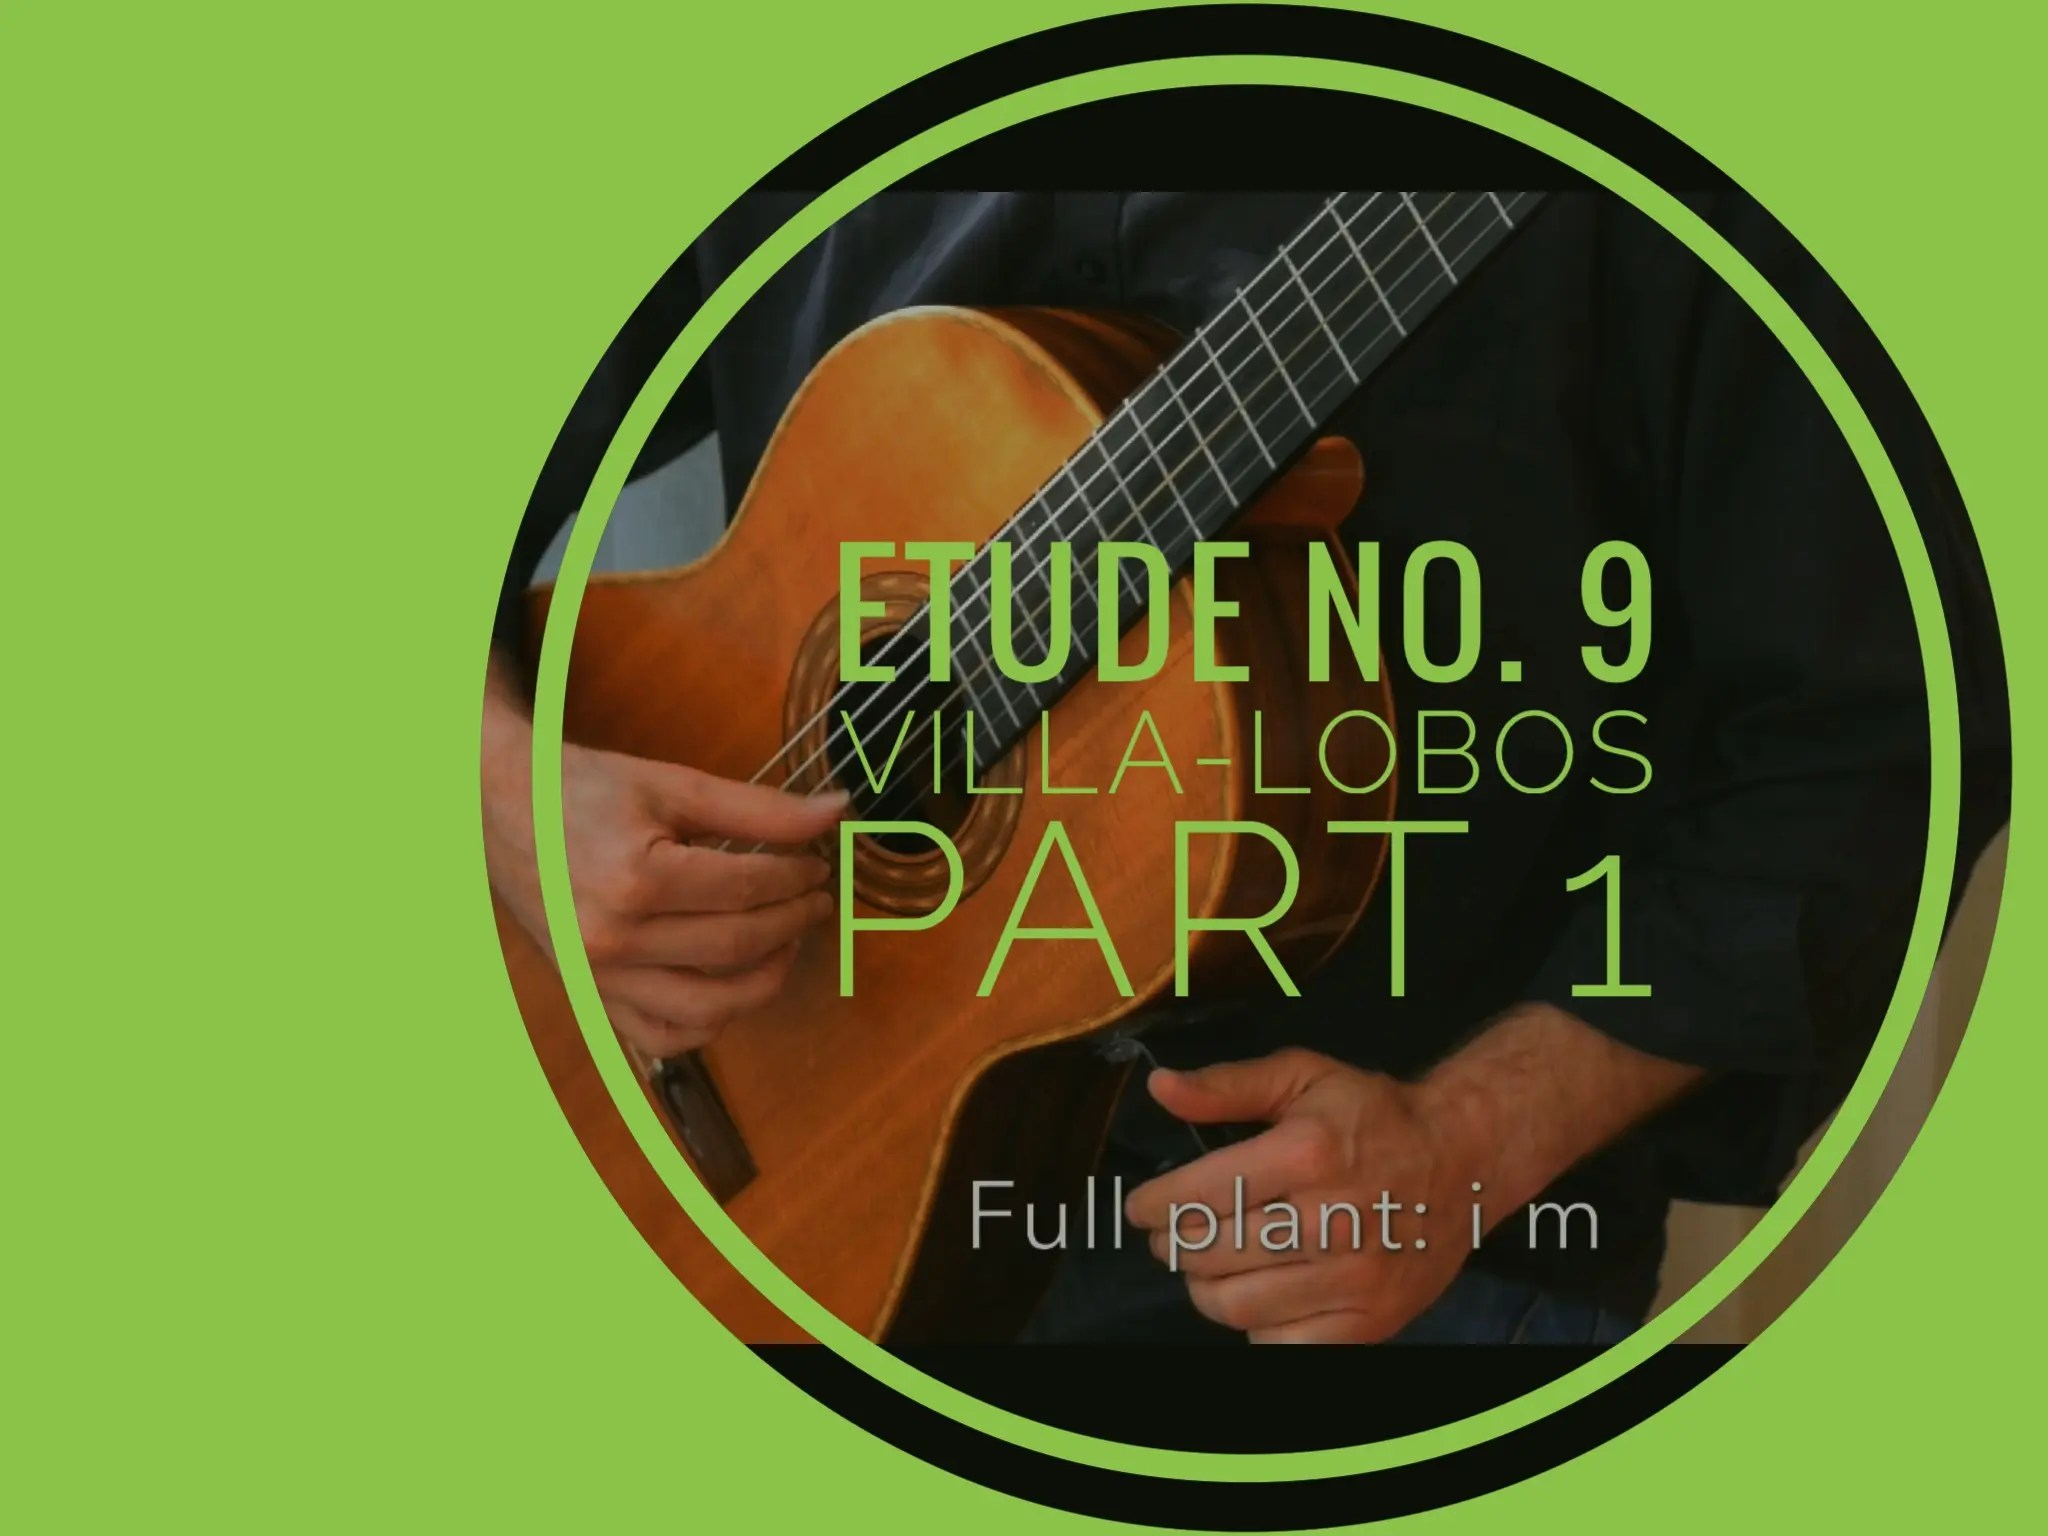 Approaching Etude No. 9 Villa-Lobos